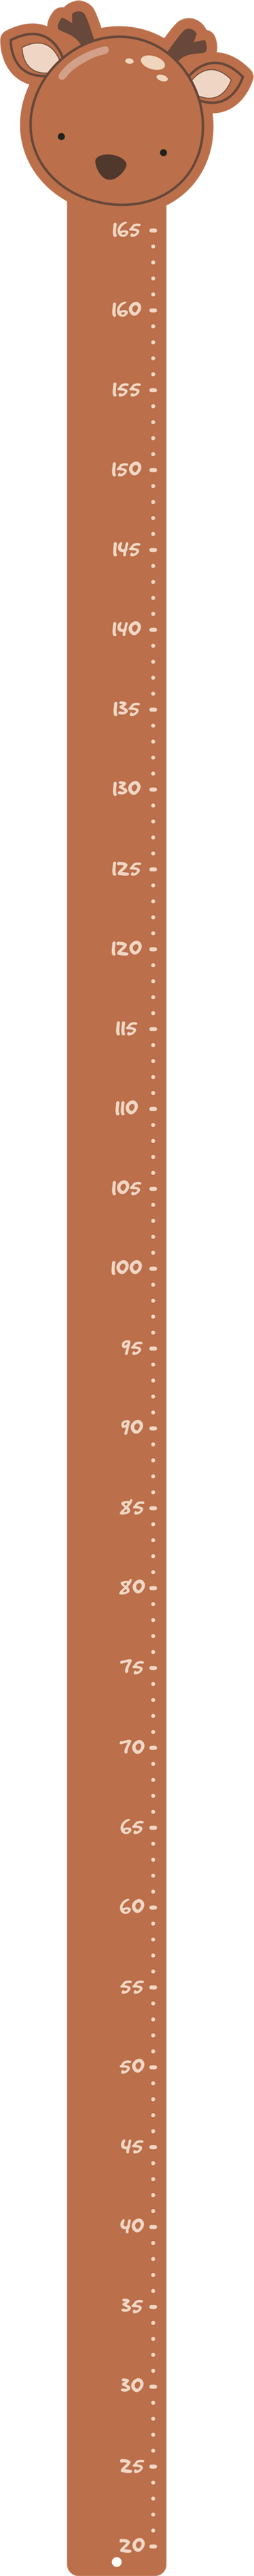 TenStickers. Klistermærke med rådyrhøjde. Måle dine børn på en original måde med dette seje et vægklistermærke til et hjort med et køligt højdekort. Du kan følge dit barns højde centimeter for centimeter!